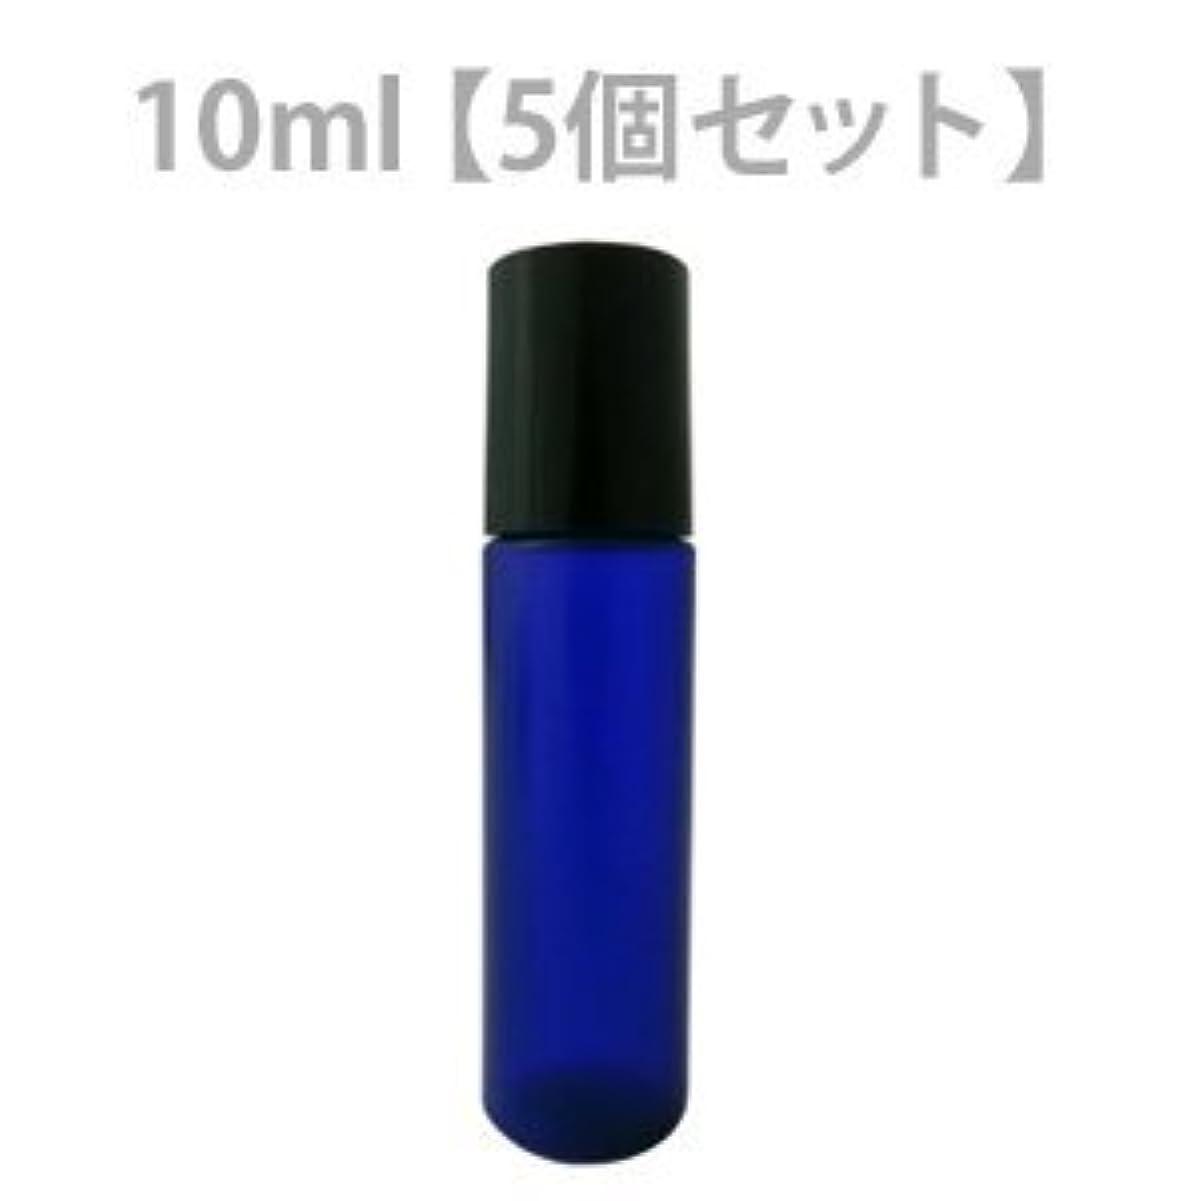 宿題ゼロジャンクションミニボトル容器 化粧品容器 コバルト 10ml 5個セット